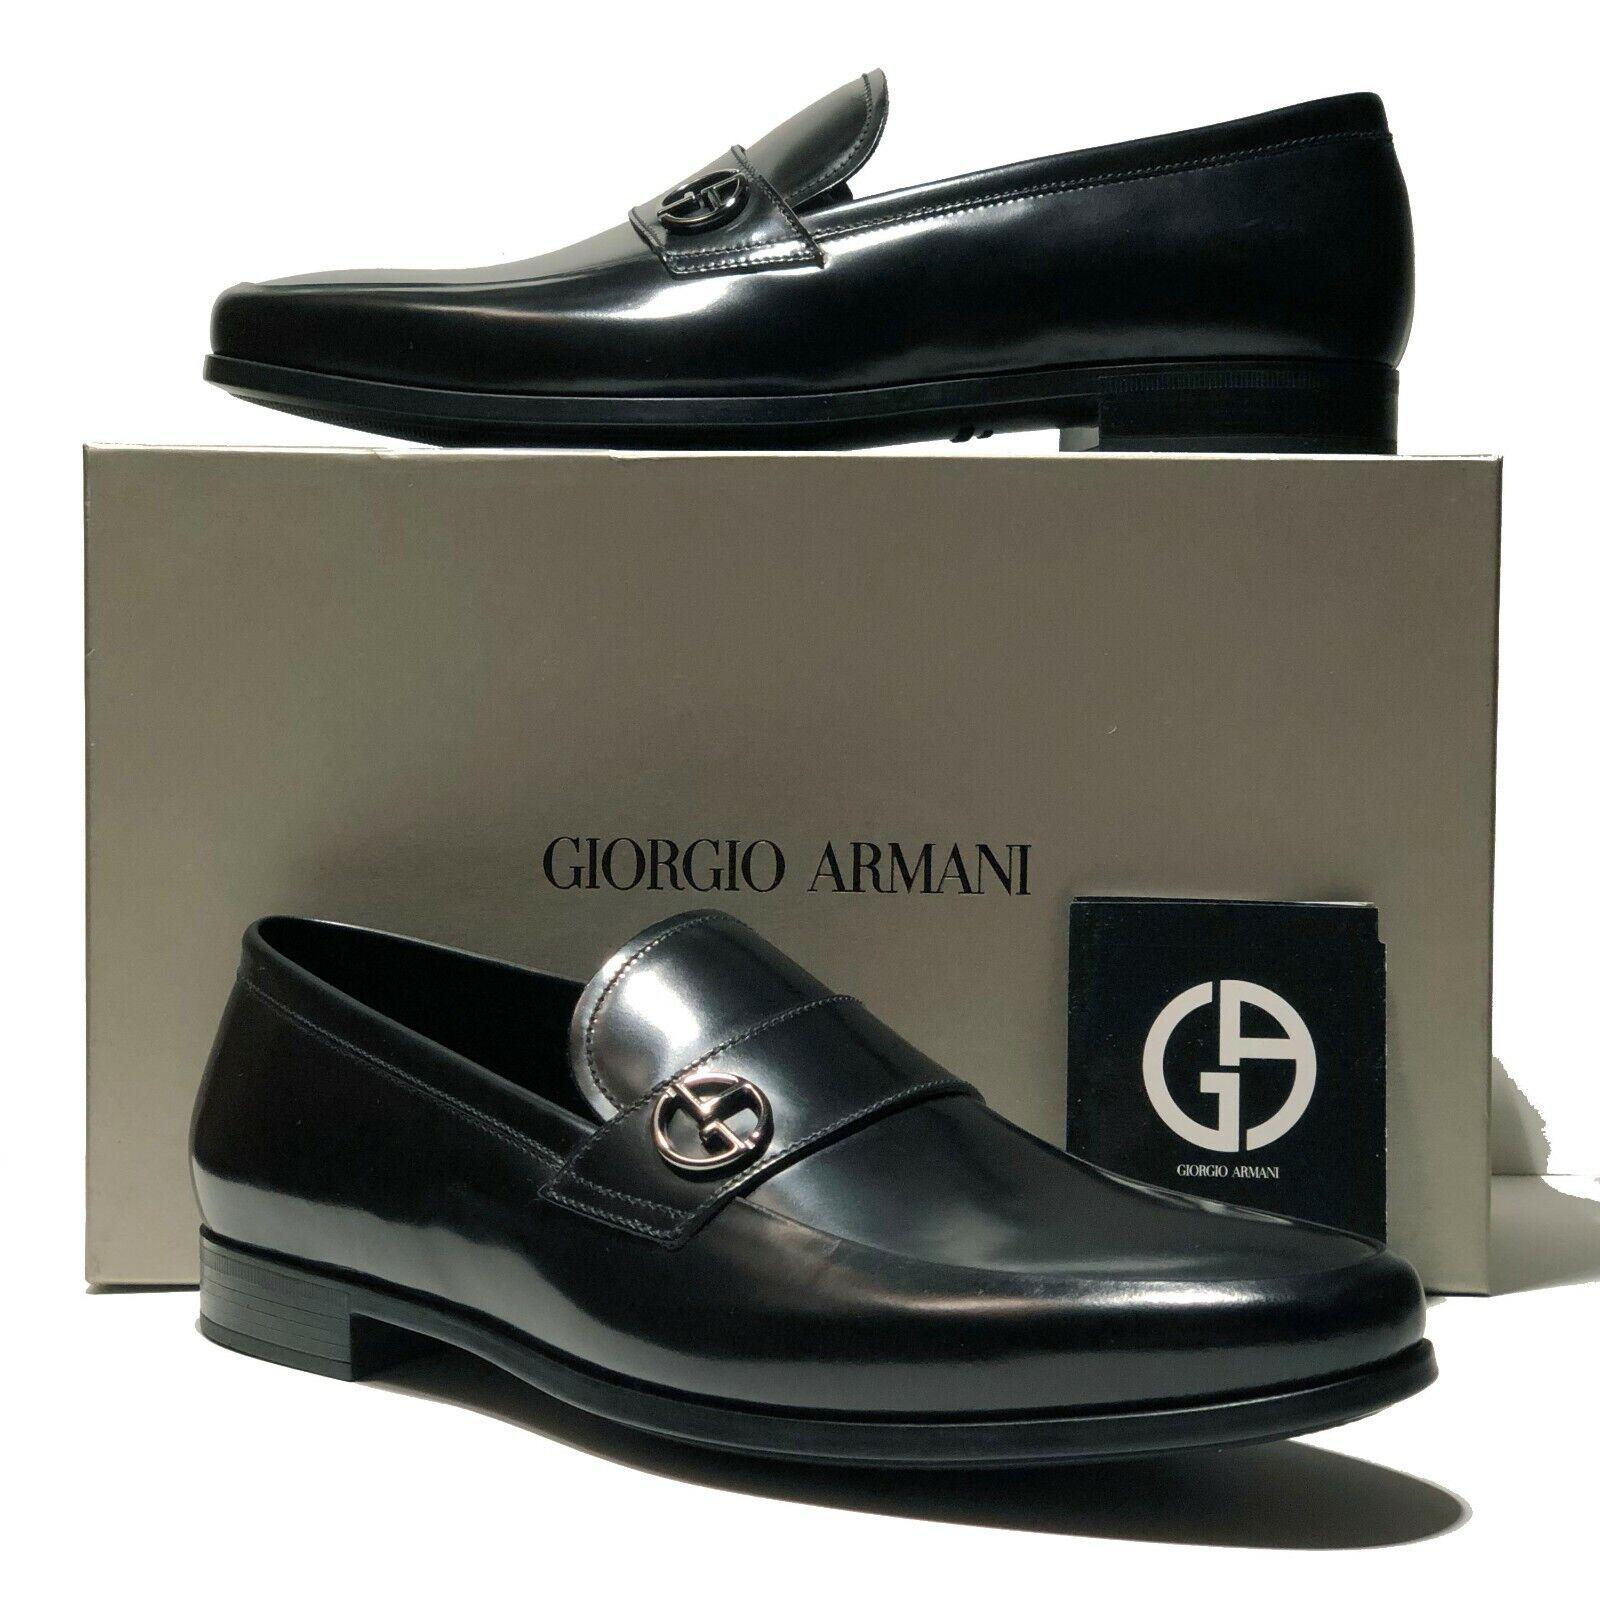 Zapatos de Cuero Armani Negro poco Mocasines para Hombre Formales X2A248 Casual Moda Esmoquin